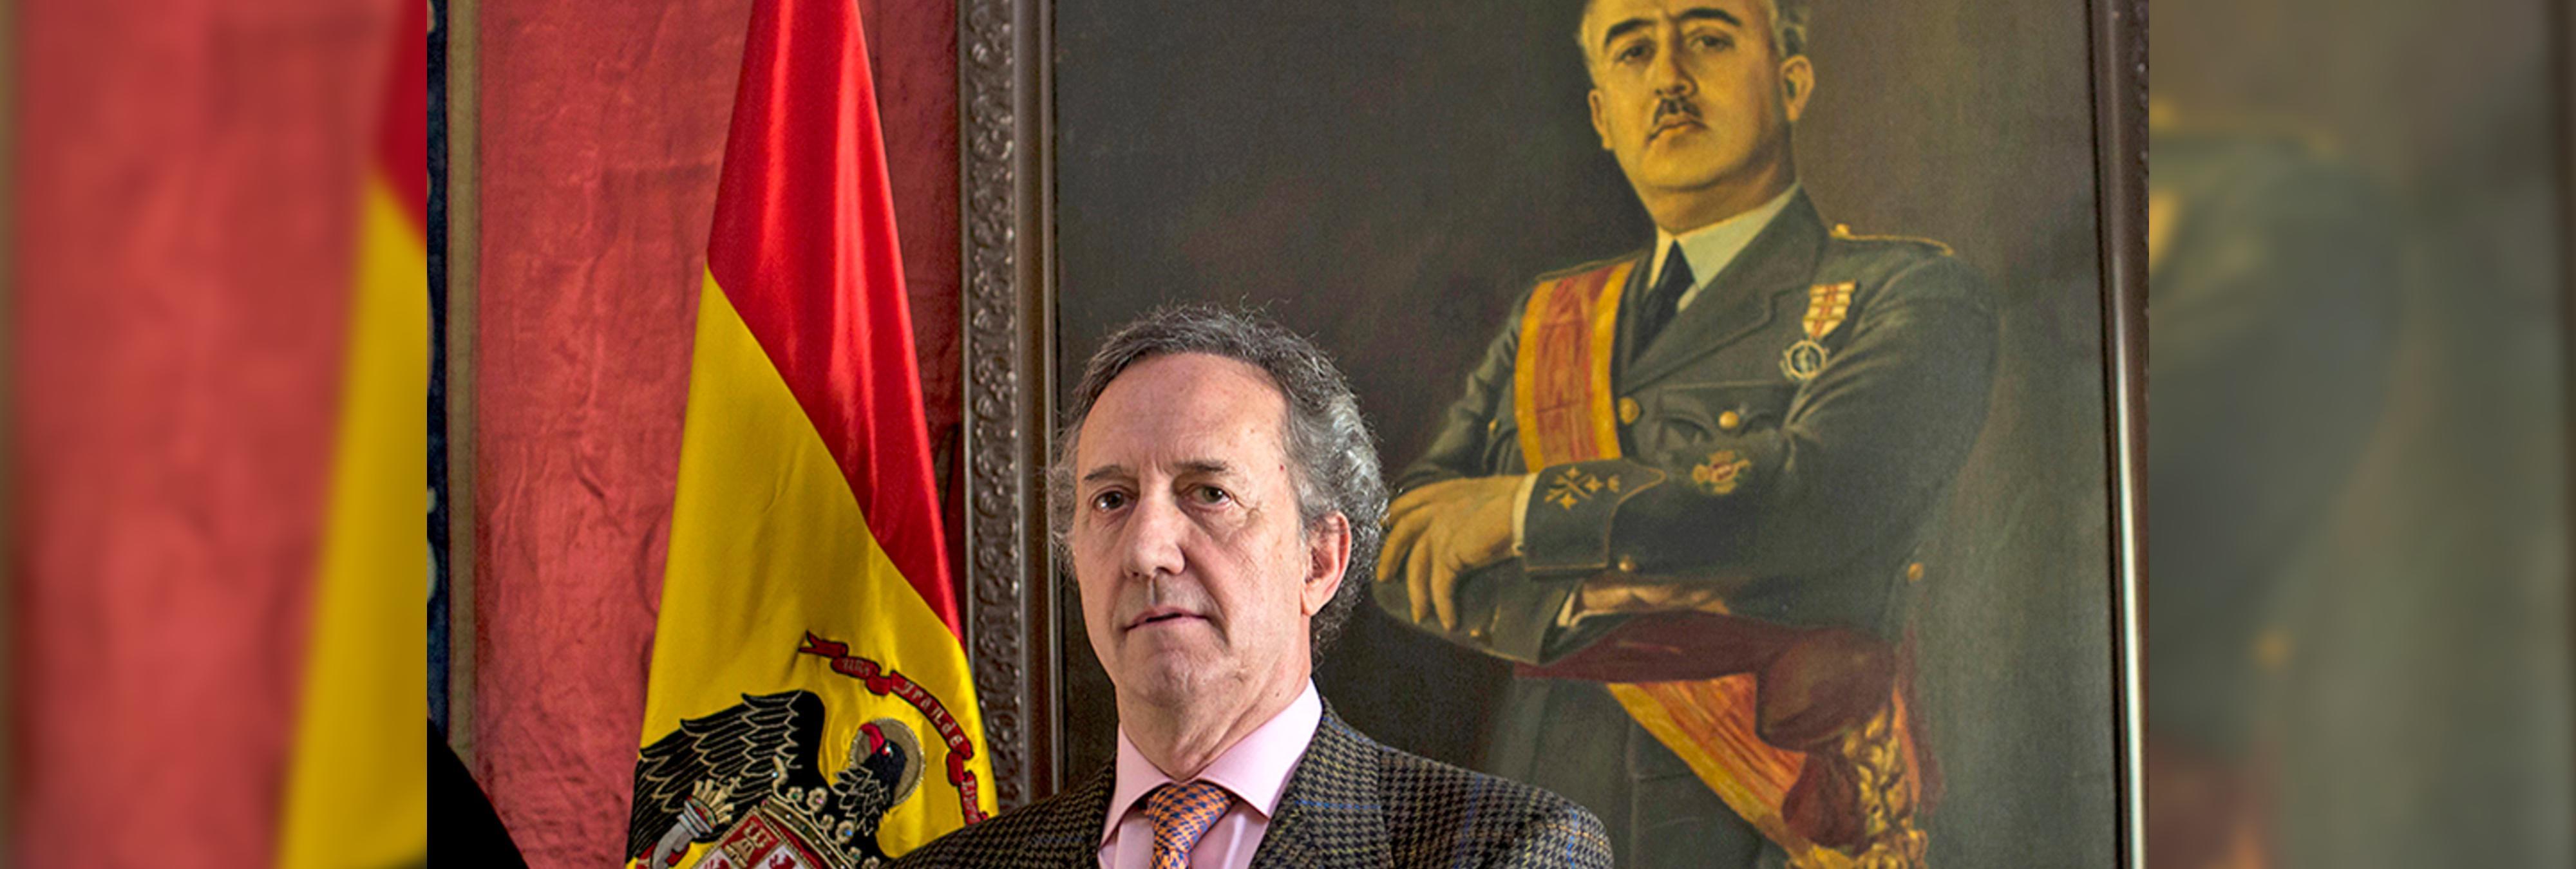 """Denuncian a la Fundación Franco ante Europa por """"apología del genocidio y la dictadura"""""""